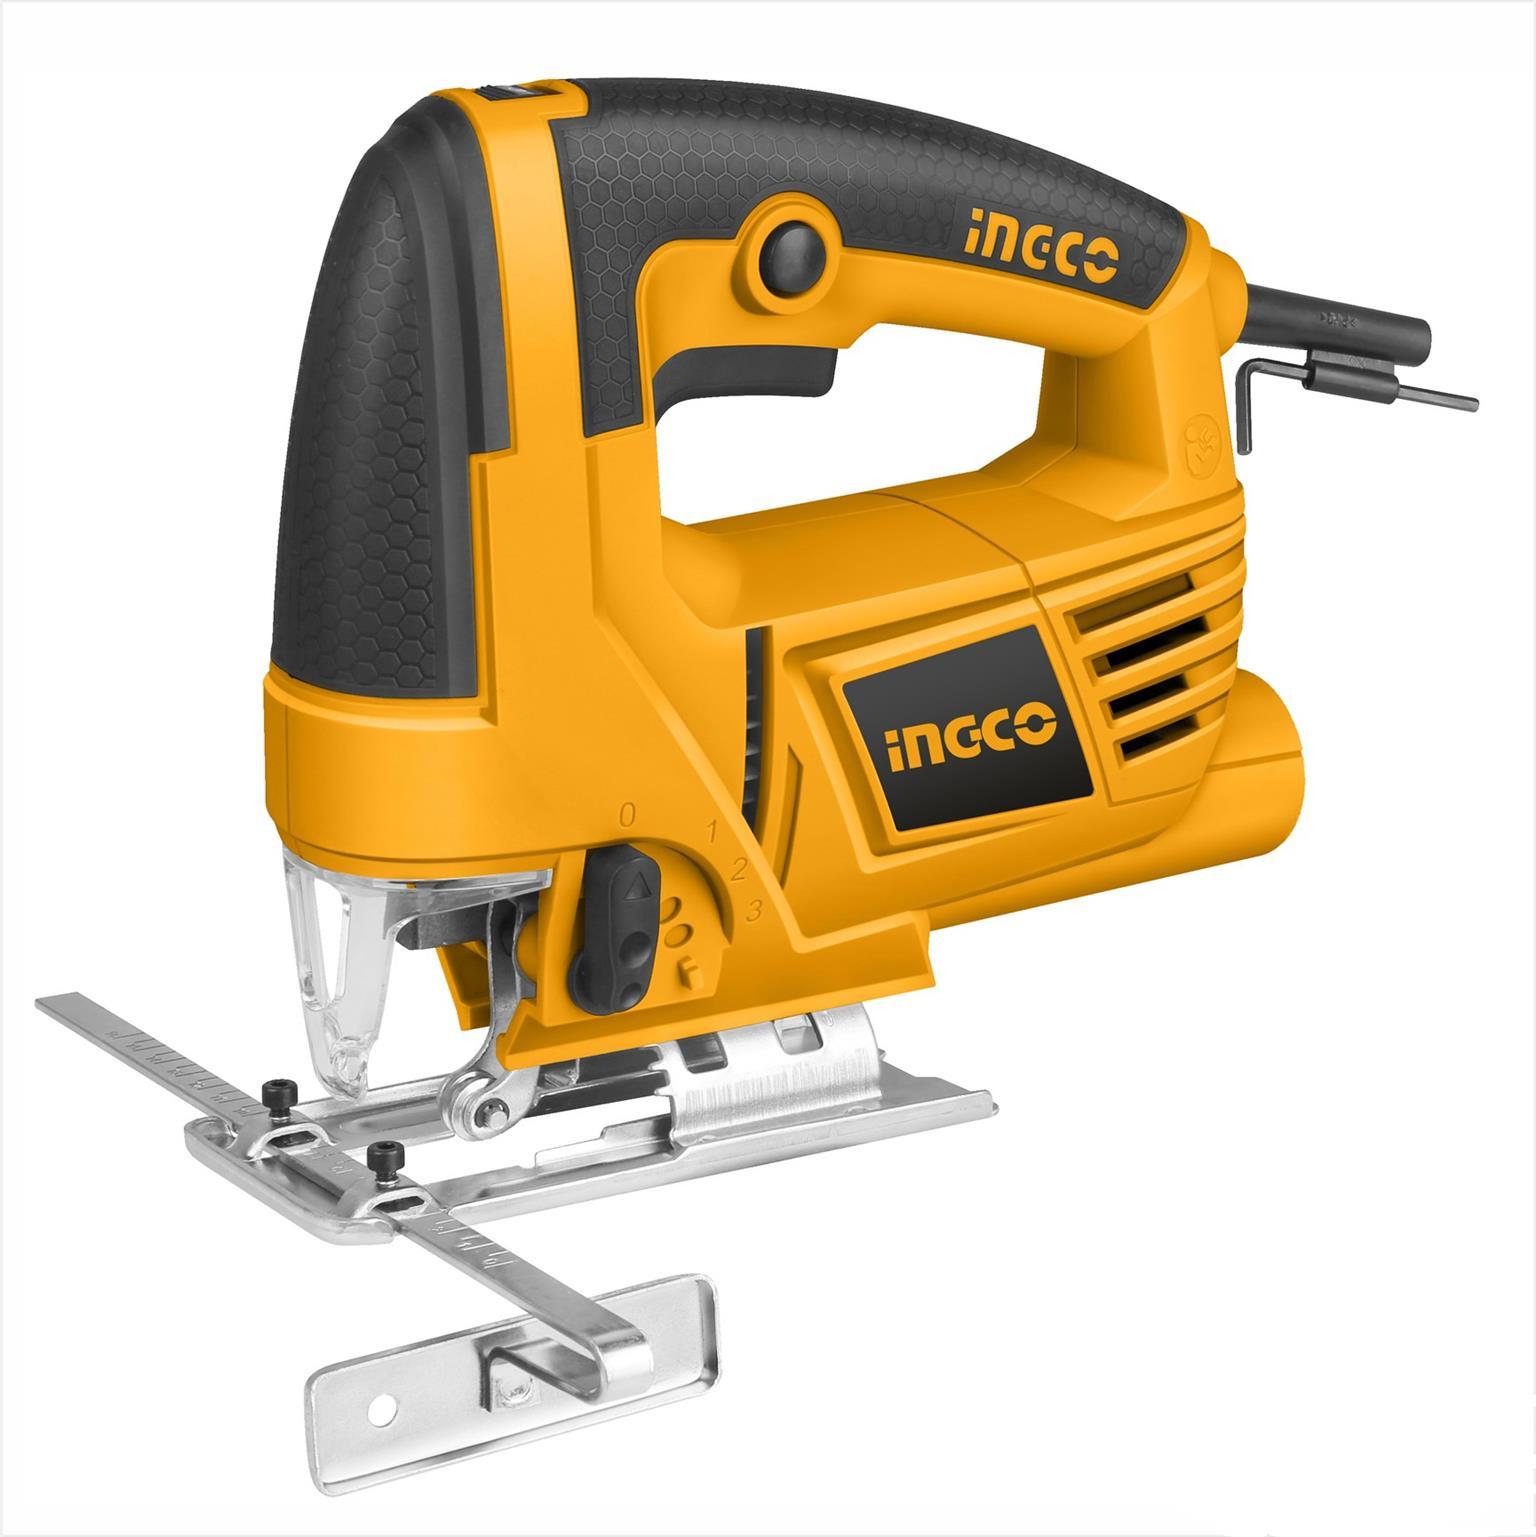 Ingco 570W Jigsaw